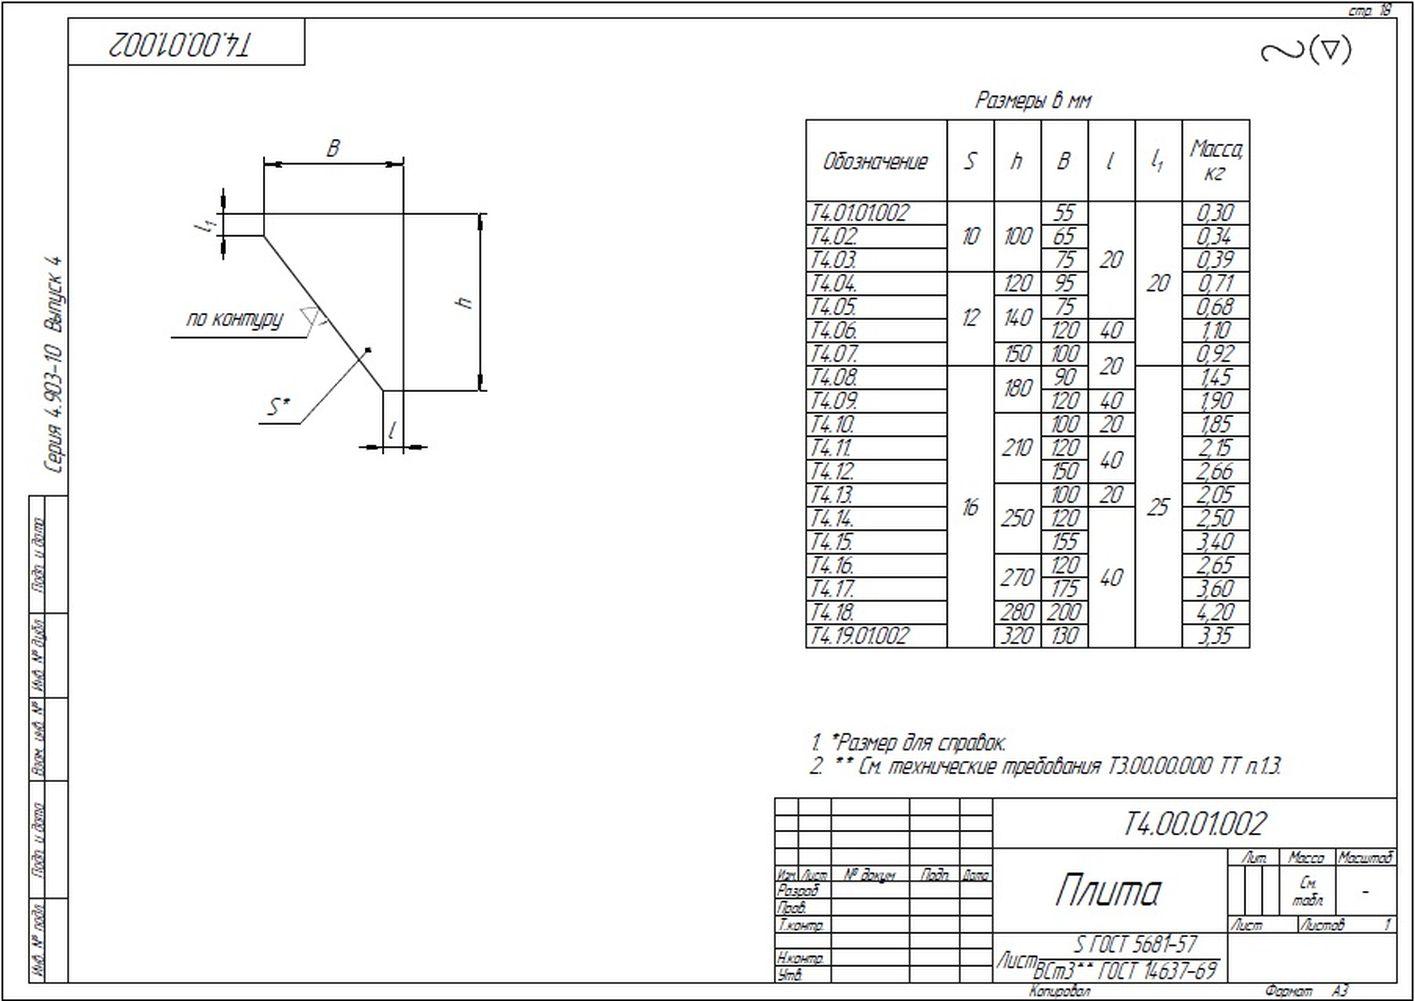 Опора неподвижная лобовая двухупорная Т4 серия 4.903-10 вып.4 стр.8